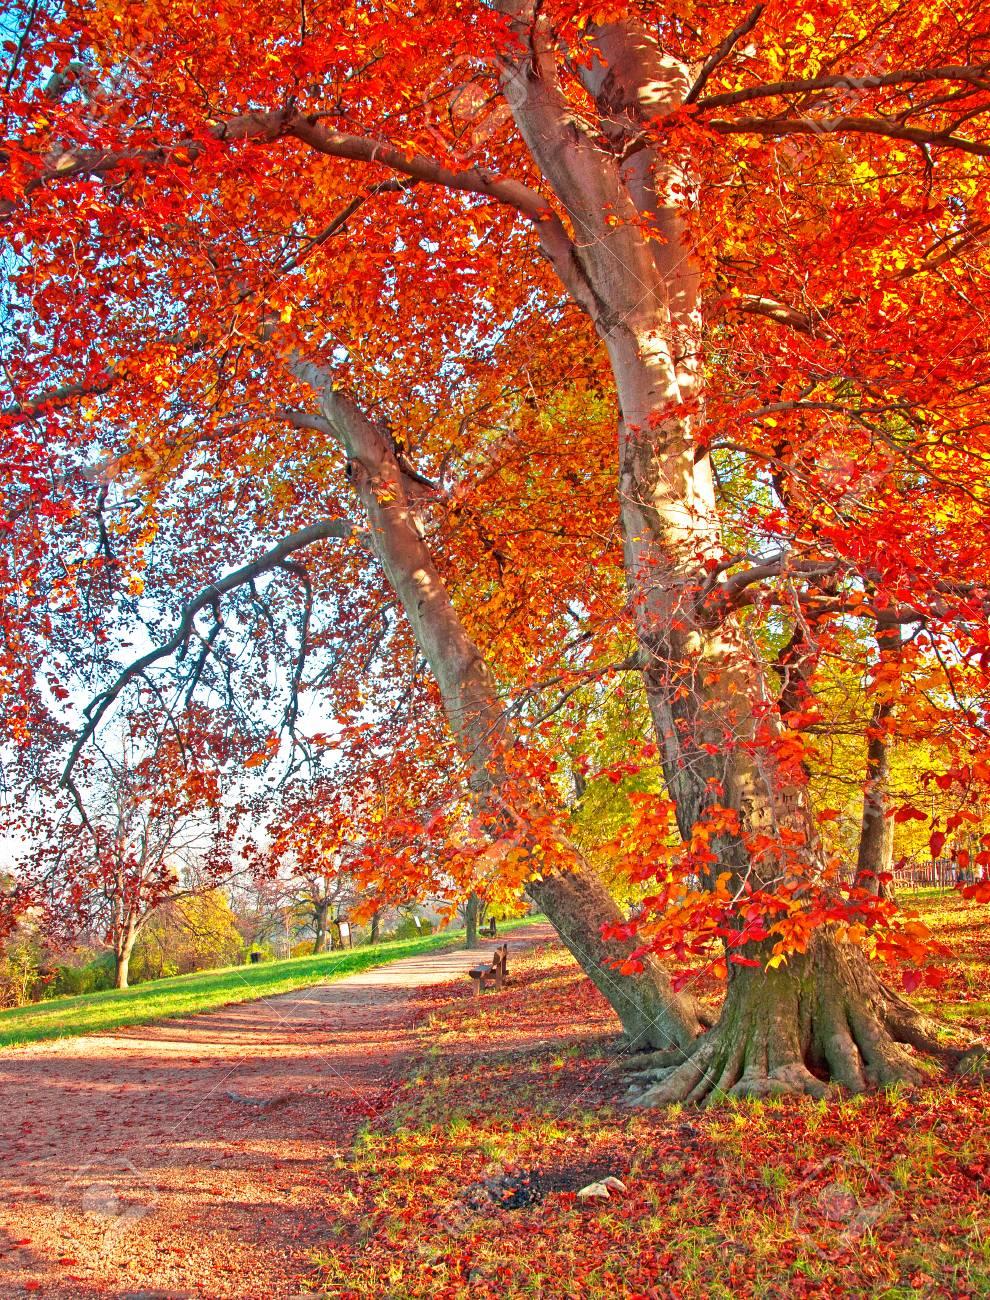 Schöne Herbstliche Szene Lizenzfreie Fotos, Bilder Und Stock ...